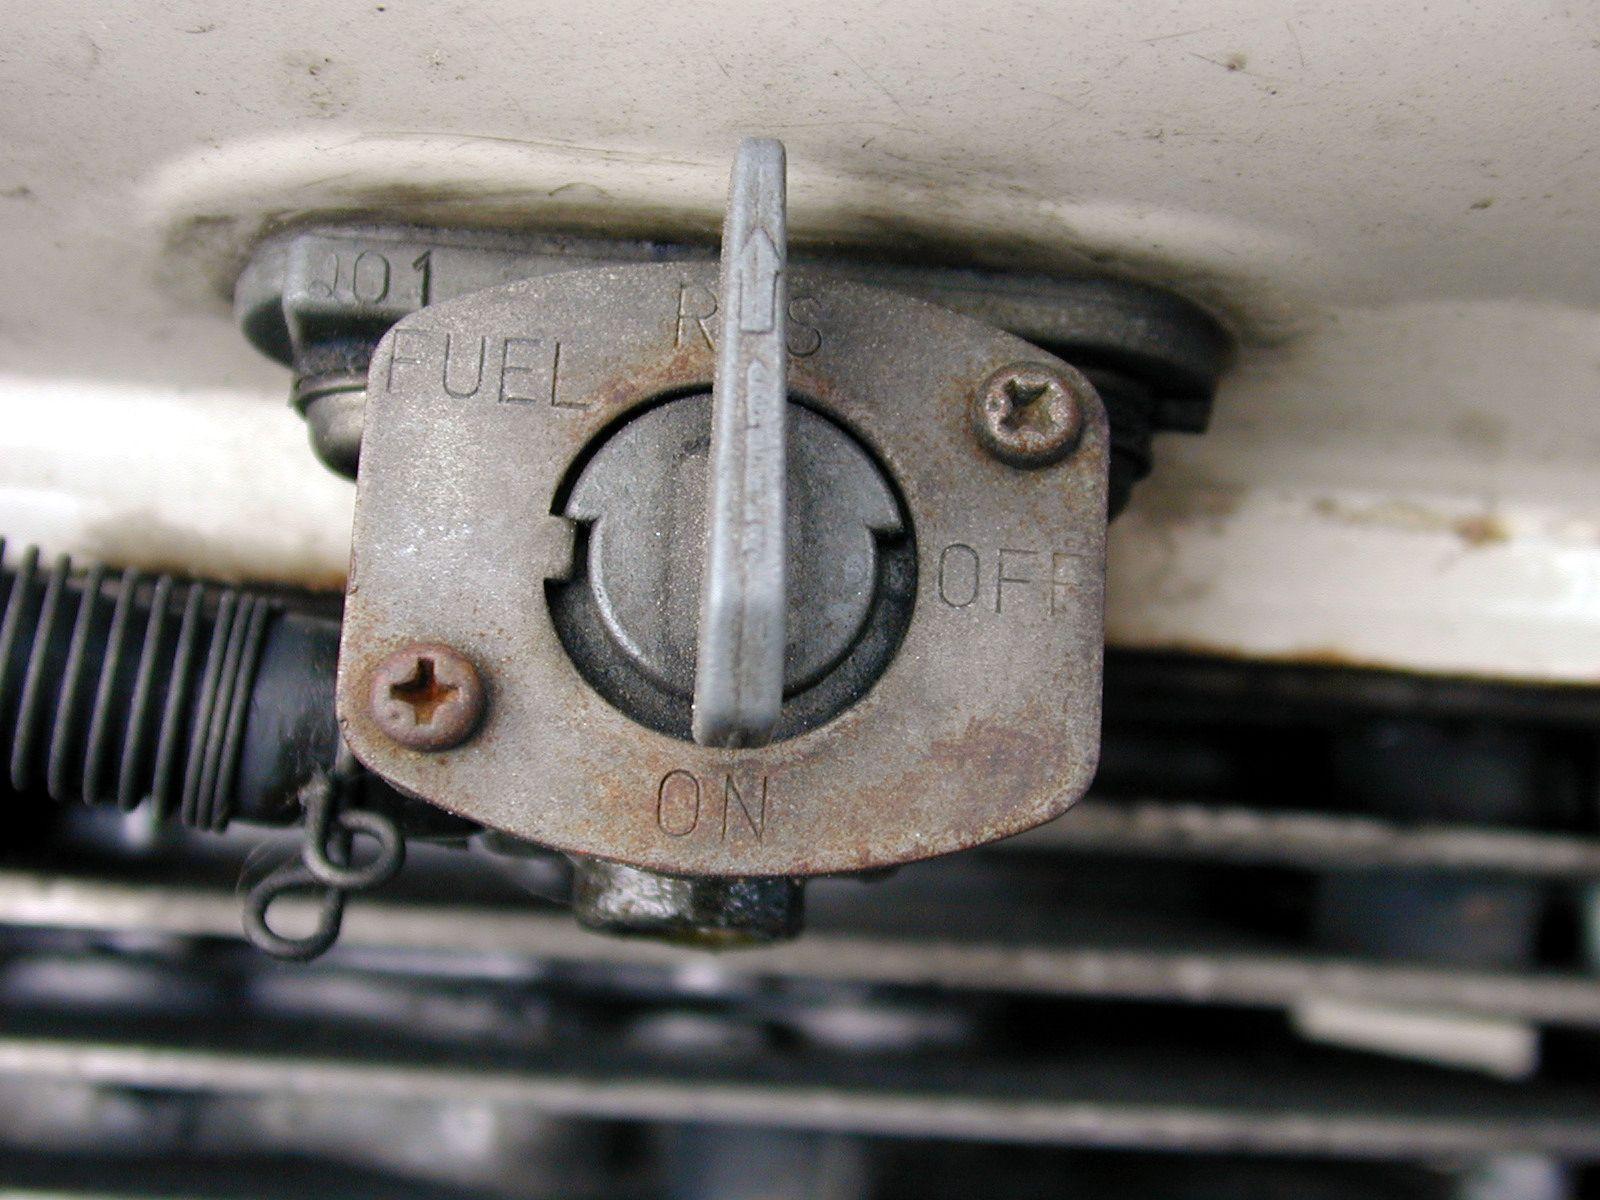 fuel faucet tap engine screw typo typography 001 on hose alumium aluminium metal rubber